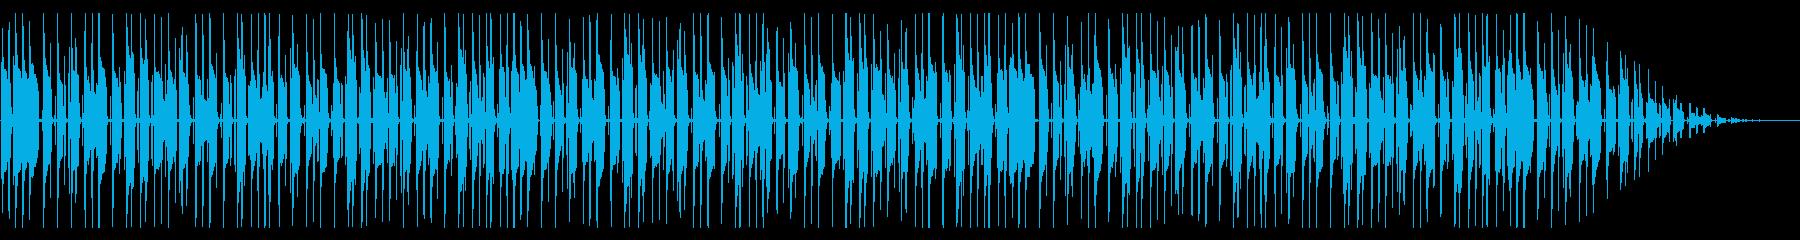 結婚式の定番「婚礼の合唱」脱力系アレンジの再生済みの波形